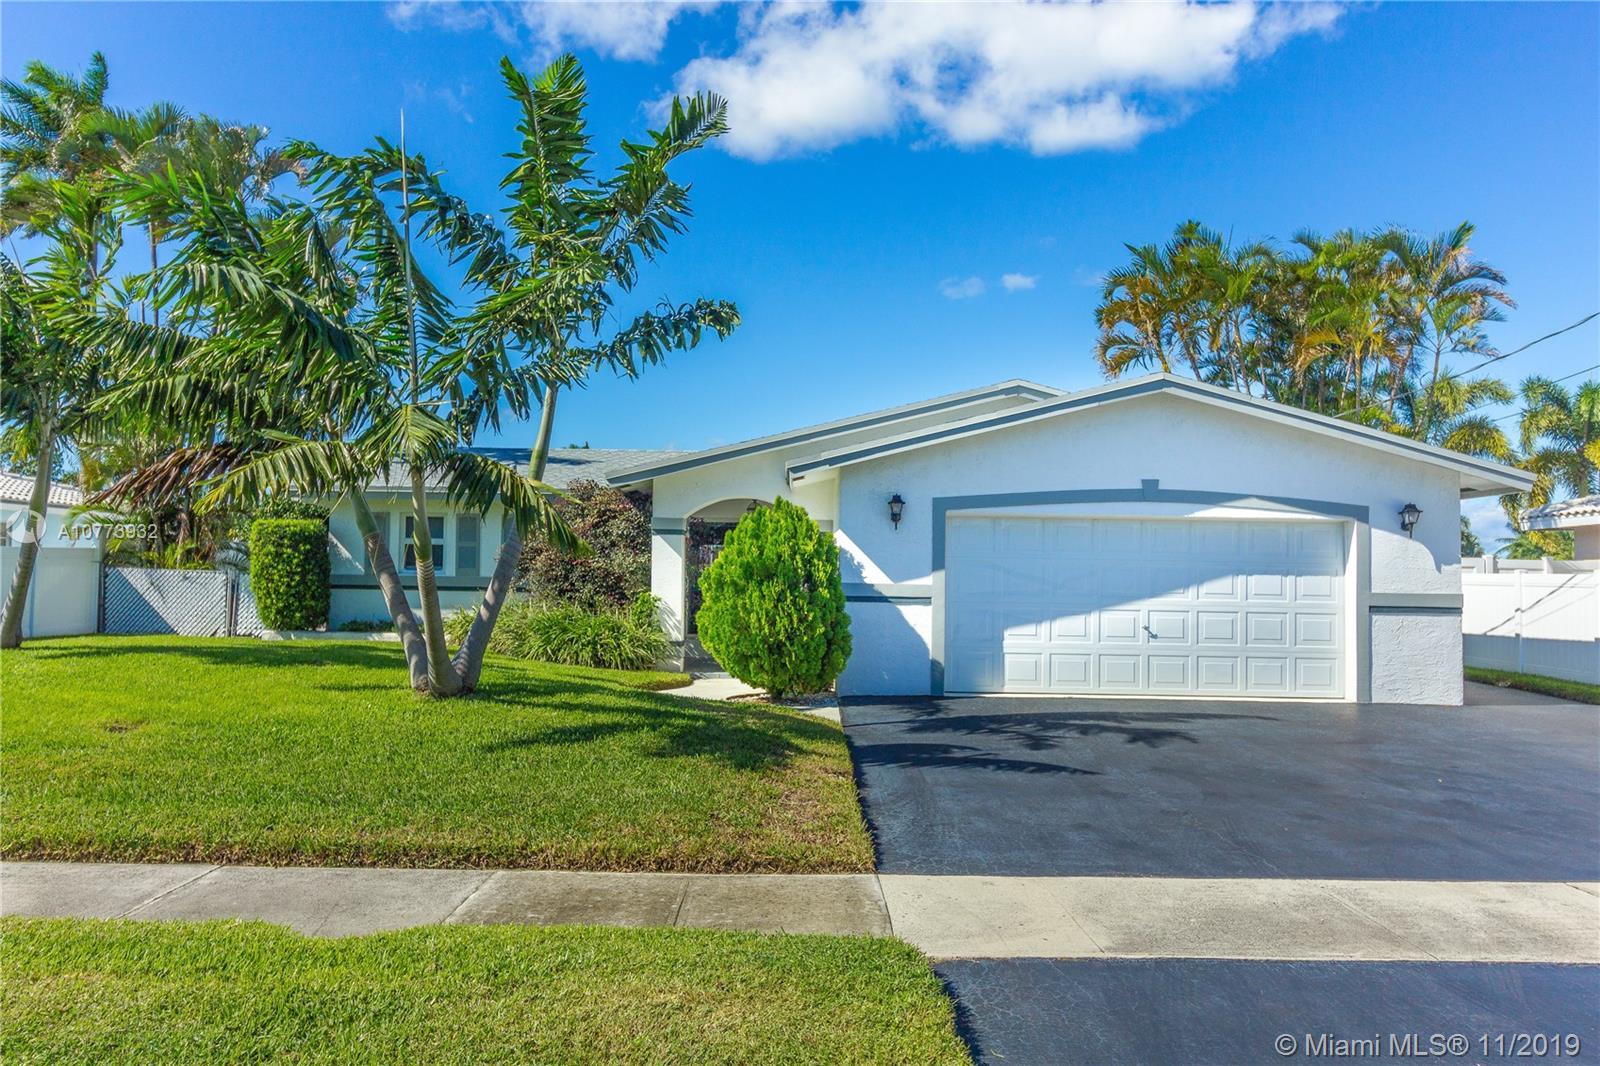 331 SE 6 Avenue, Pompano Beach, FL 33060